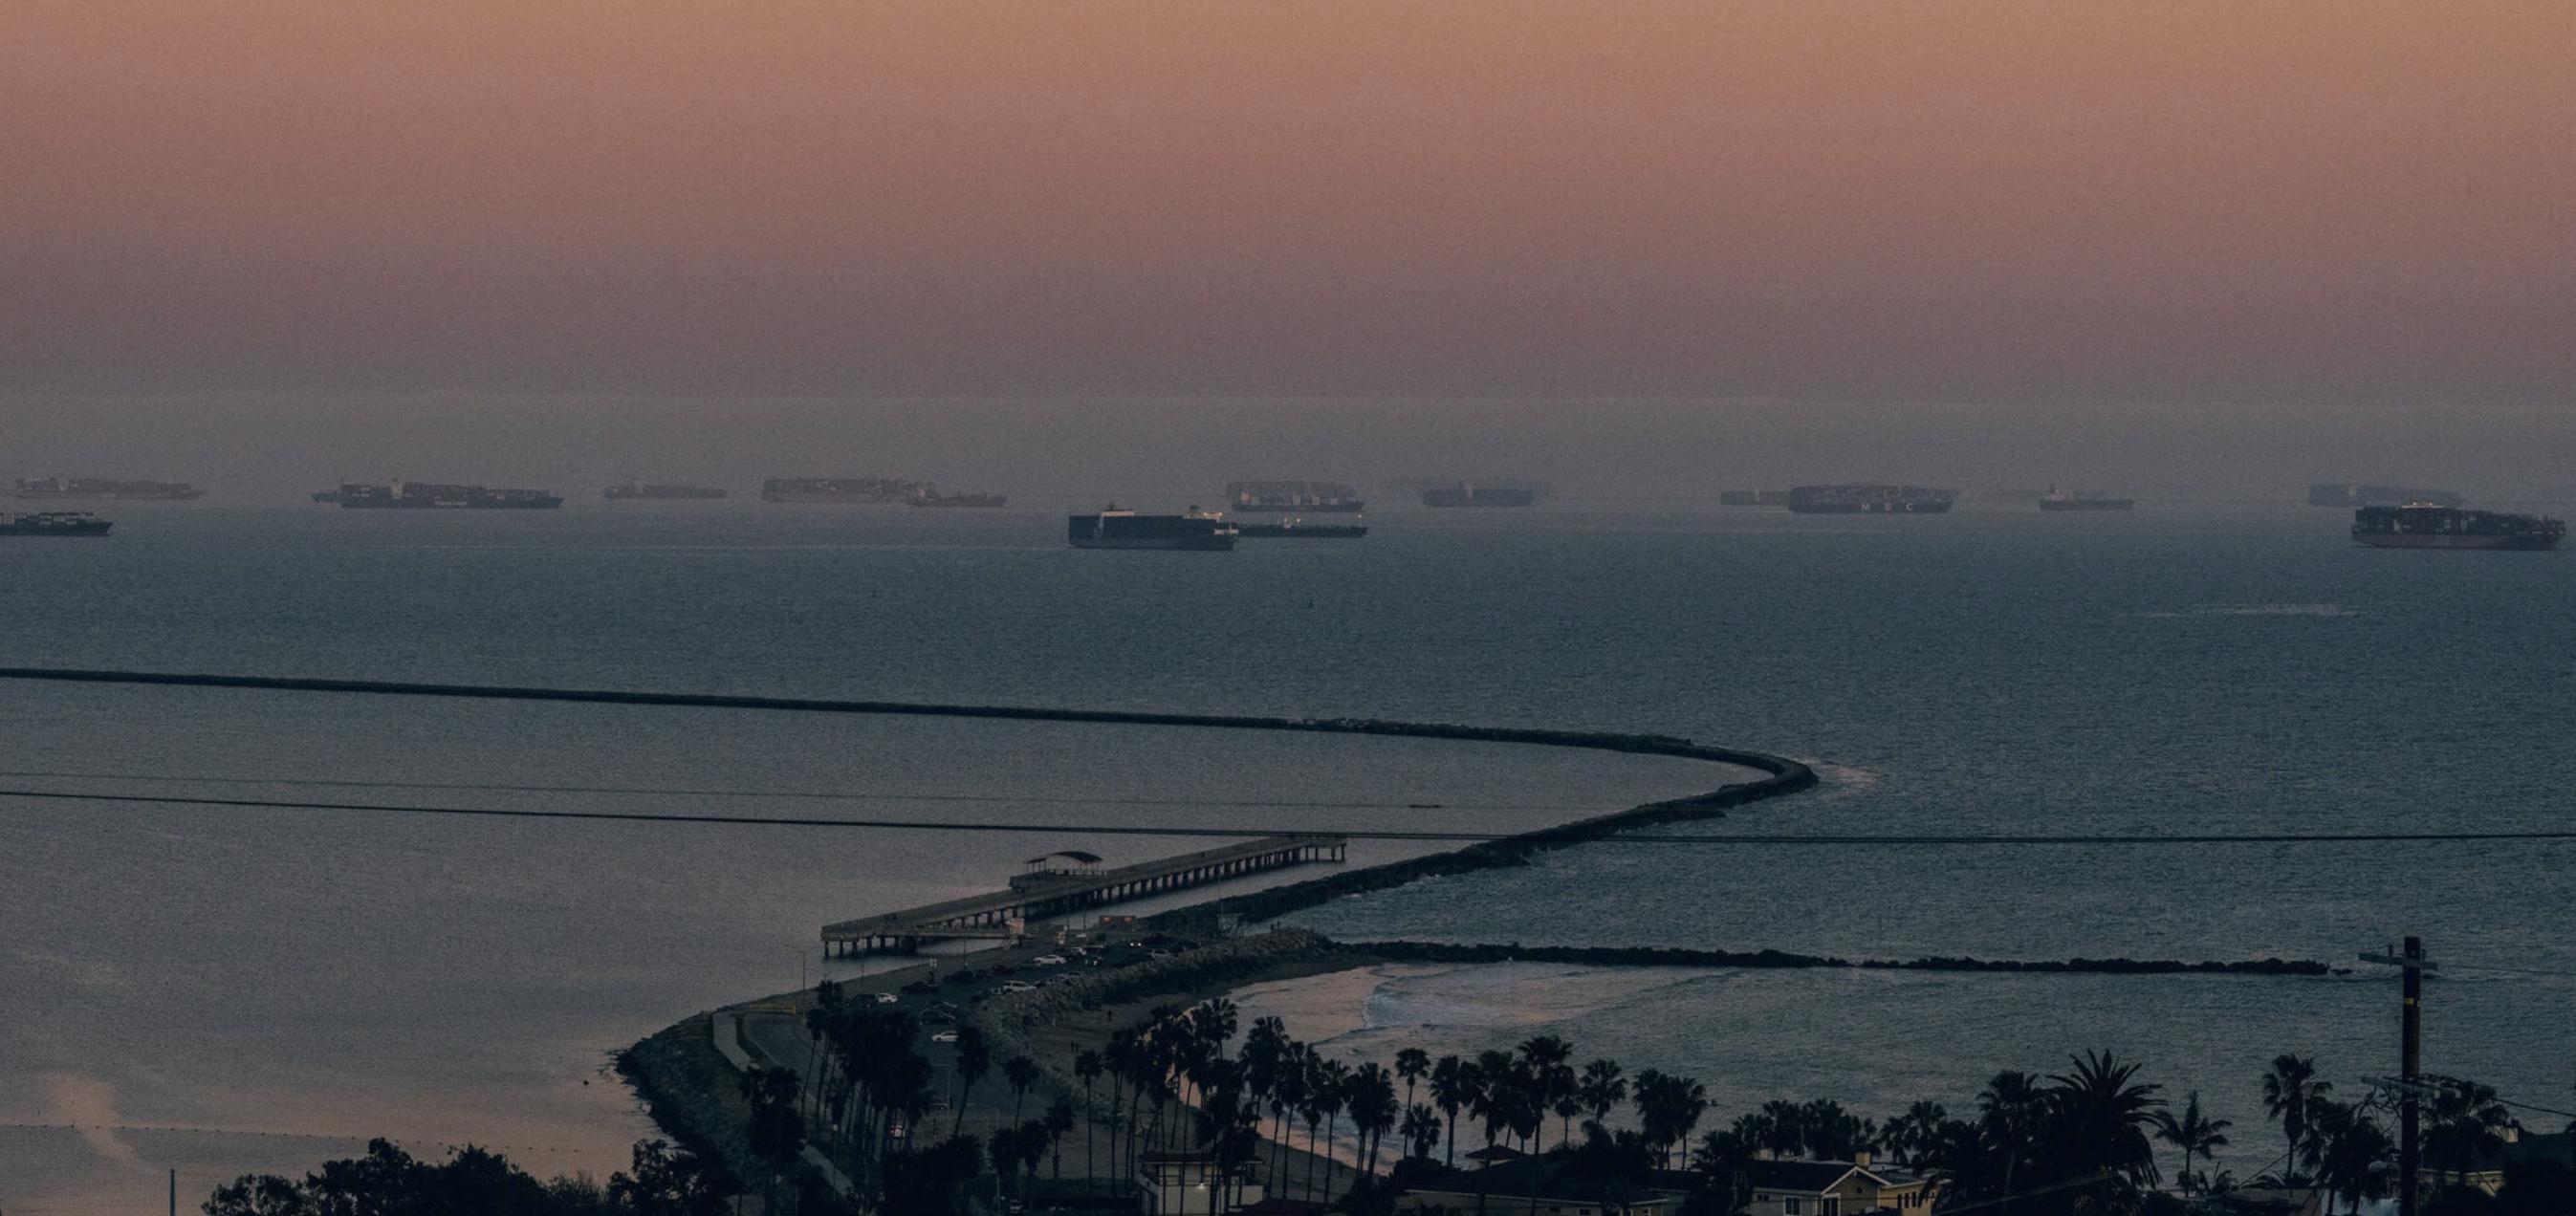 U.S. Port Bottlenecks Cause Global Shipping Delays